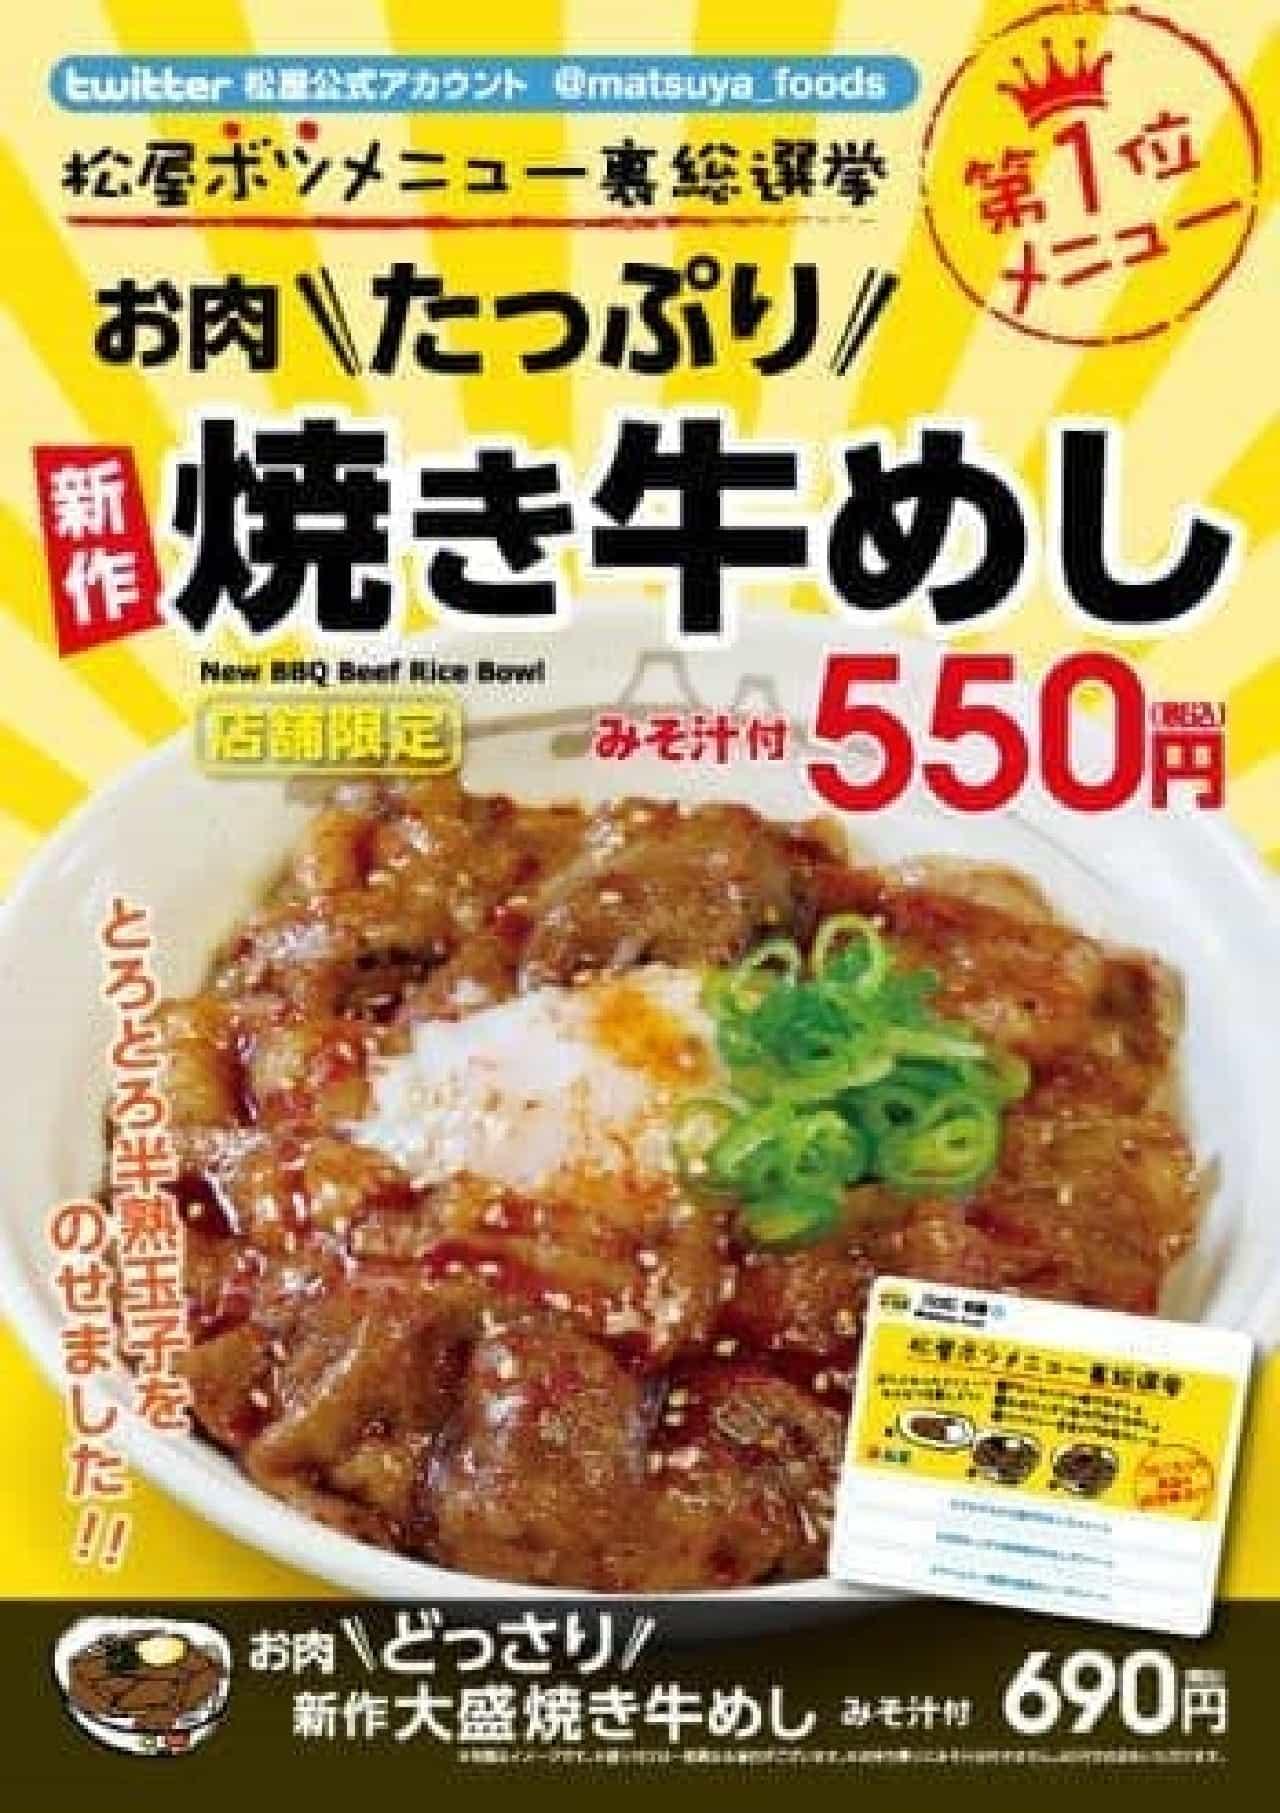 松屋「新作 焼き牛めし」